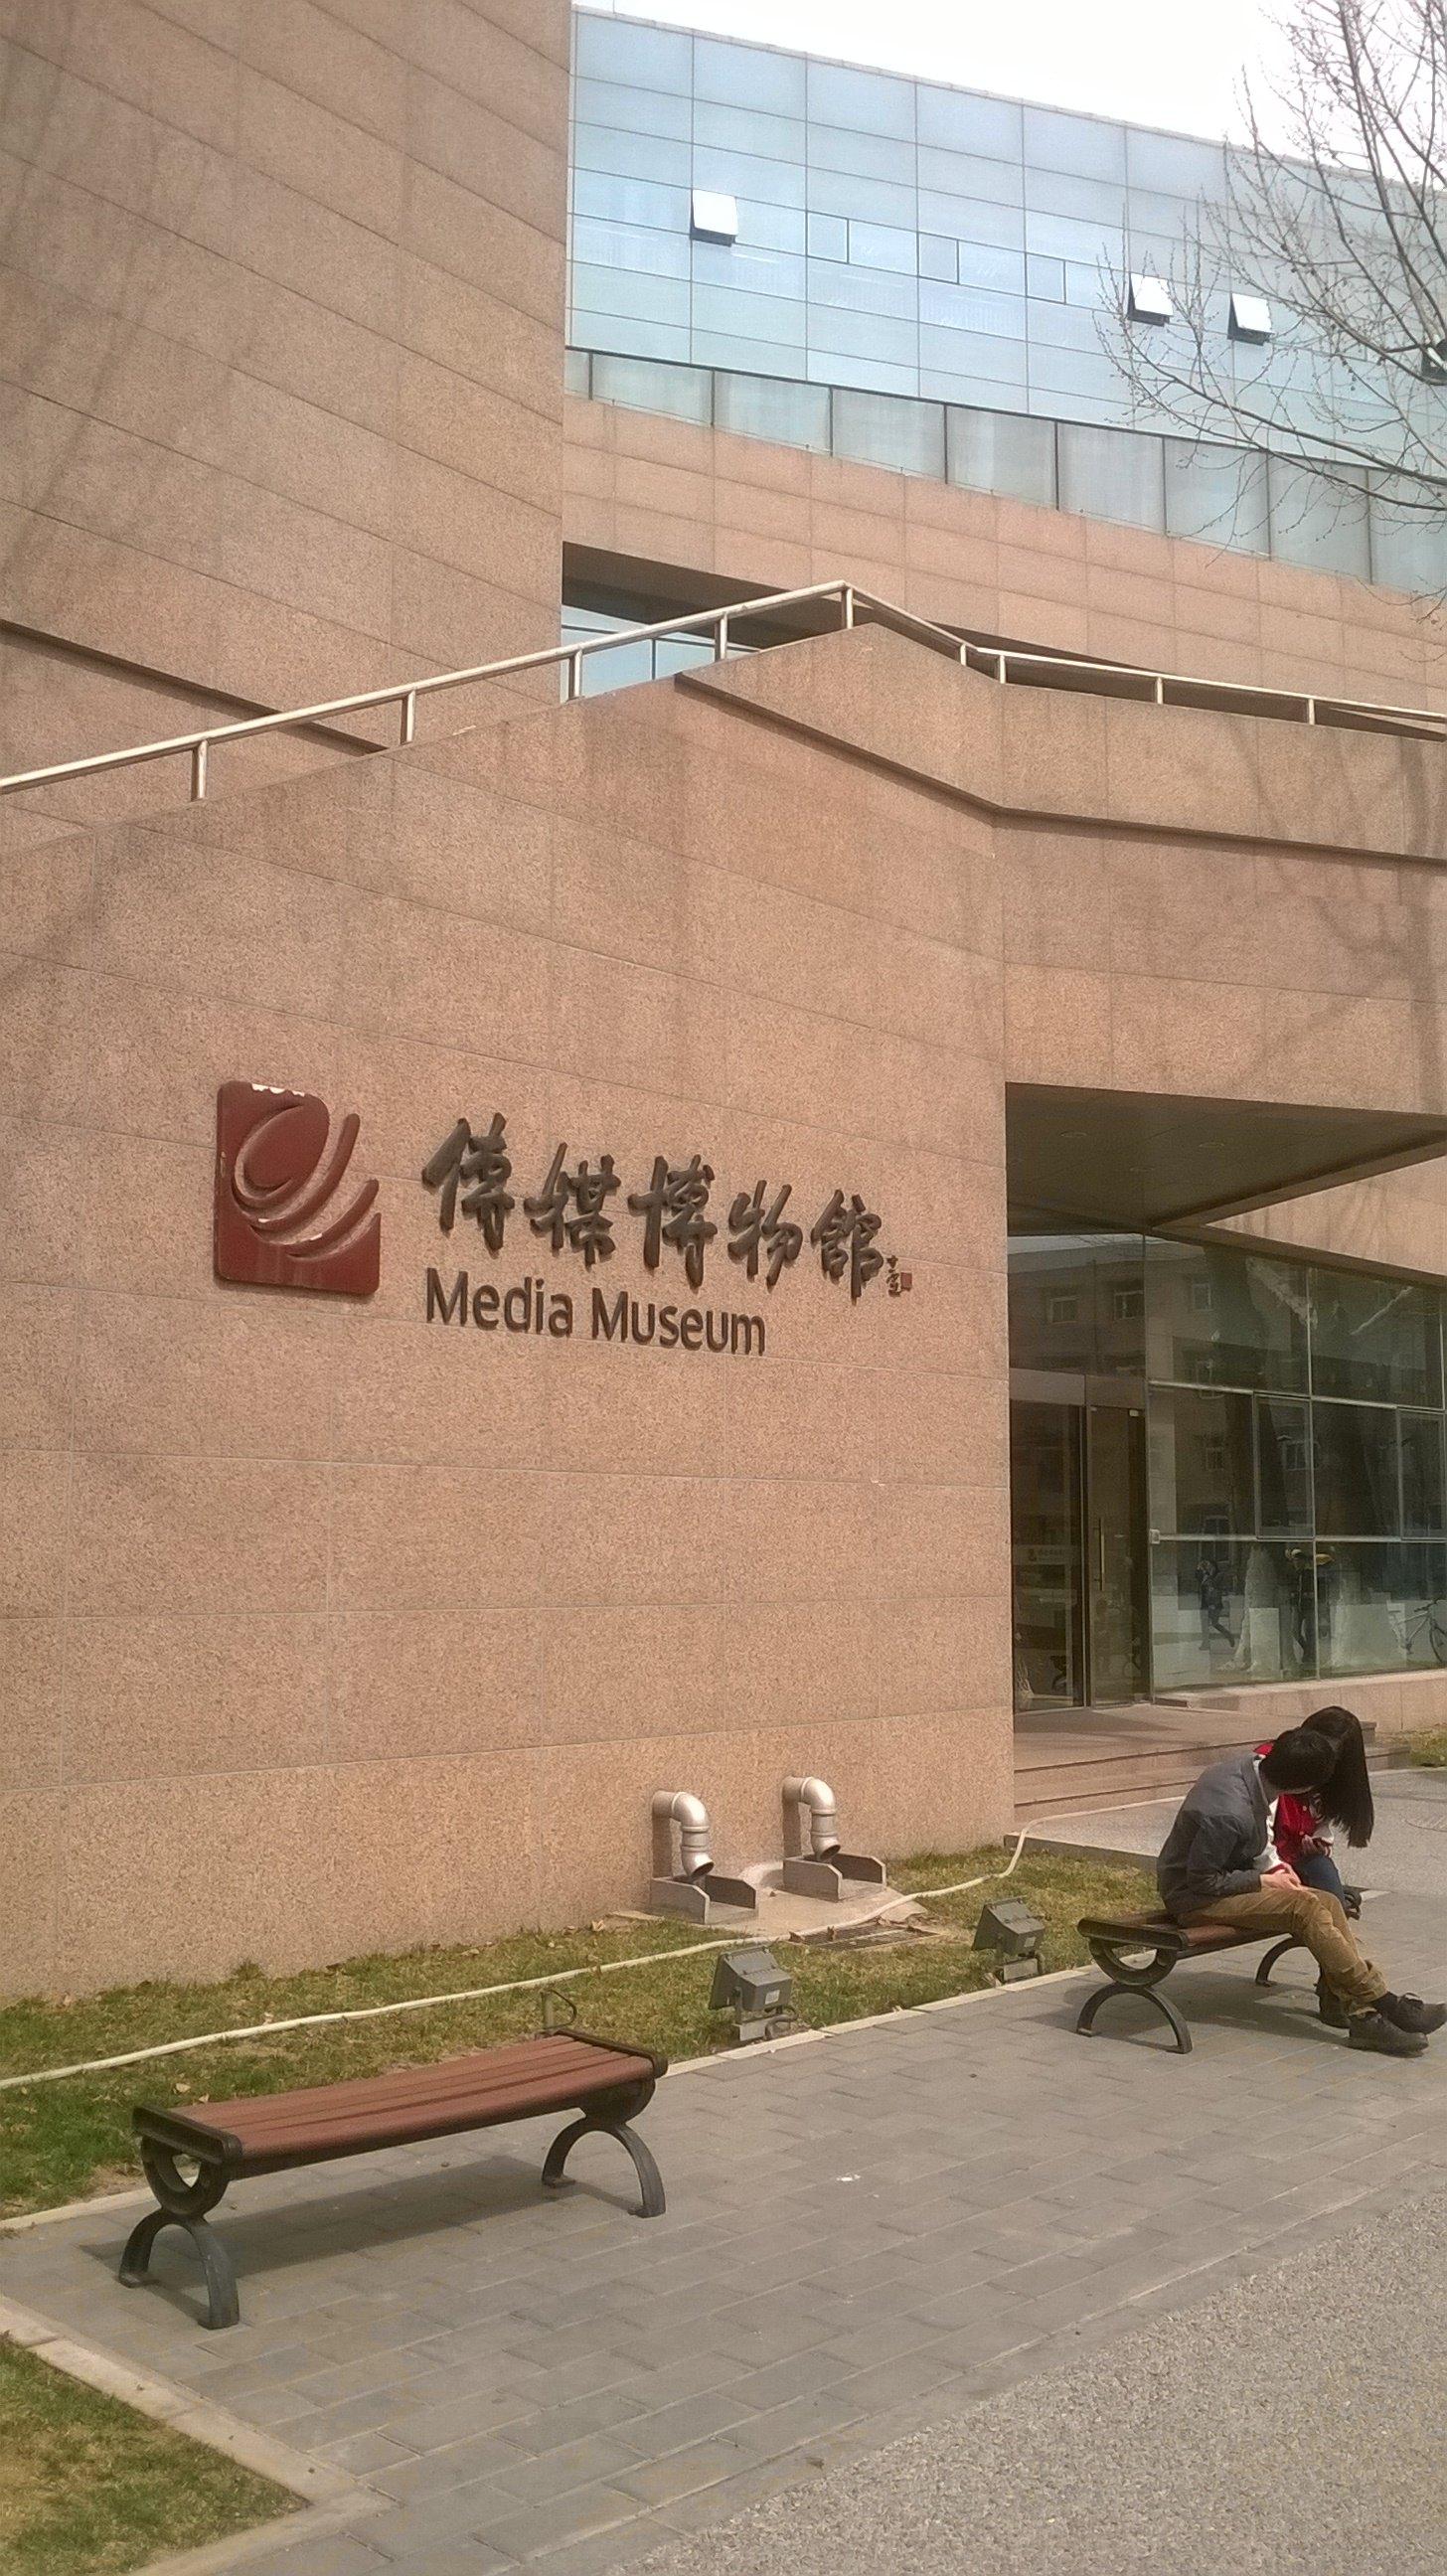 二层有展板讲述中国广播电视的发展历史